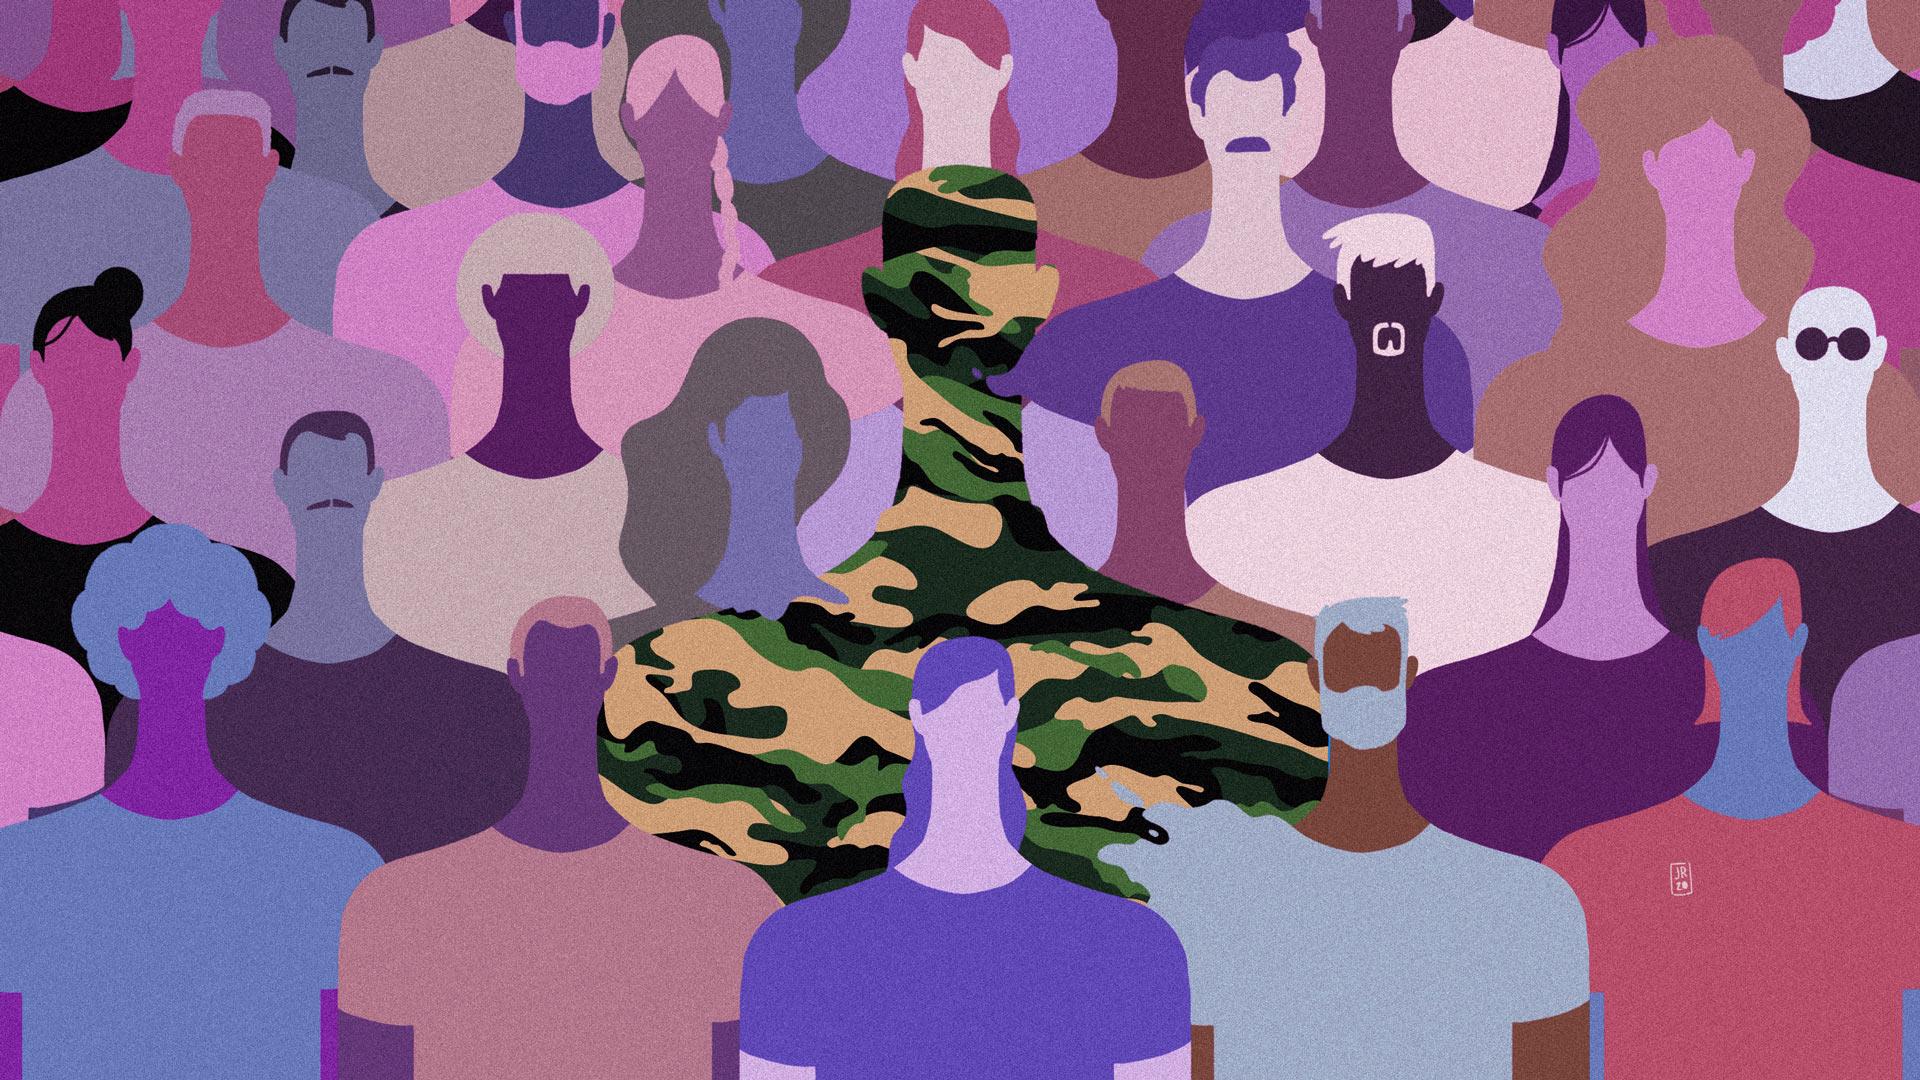 Los soldados que violaron a la niña embera son el síntoma que no queremos ver